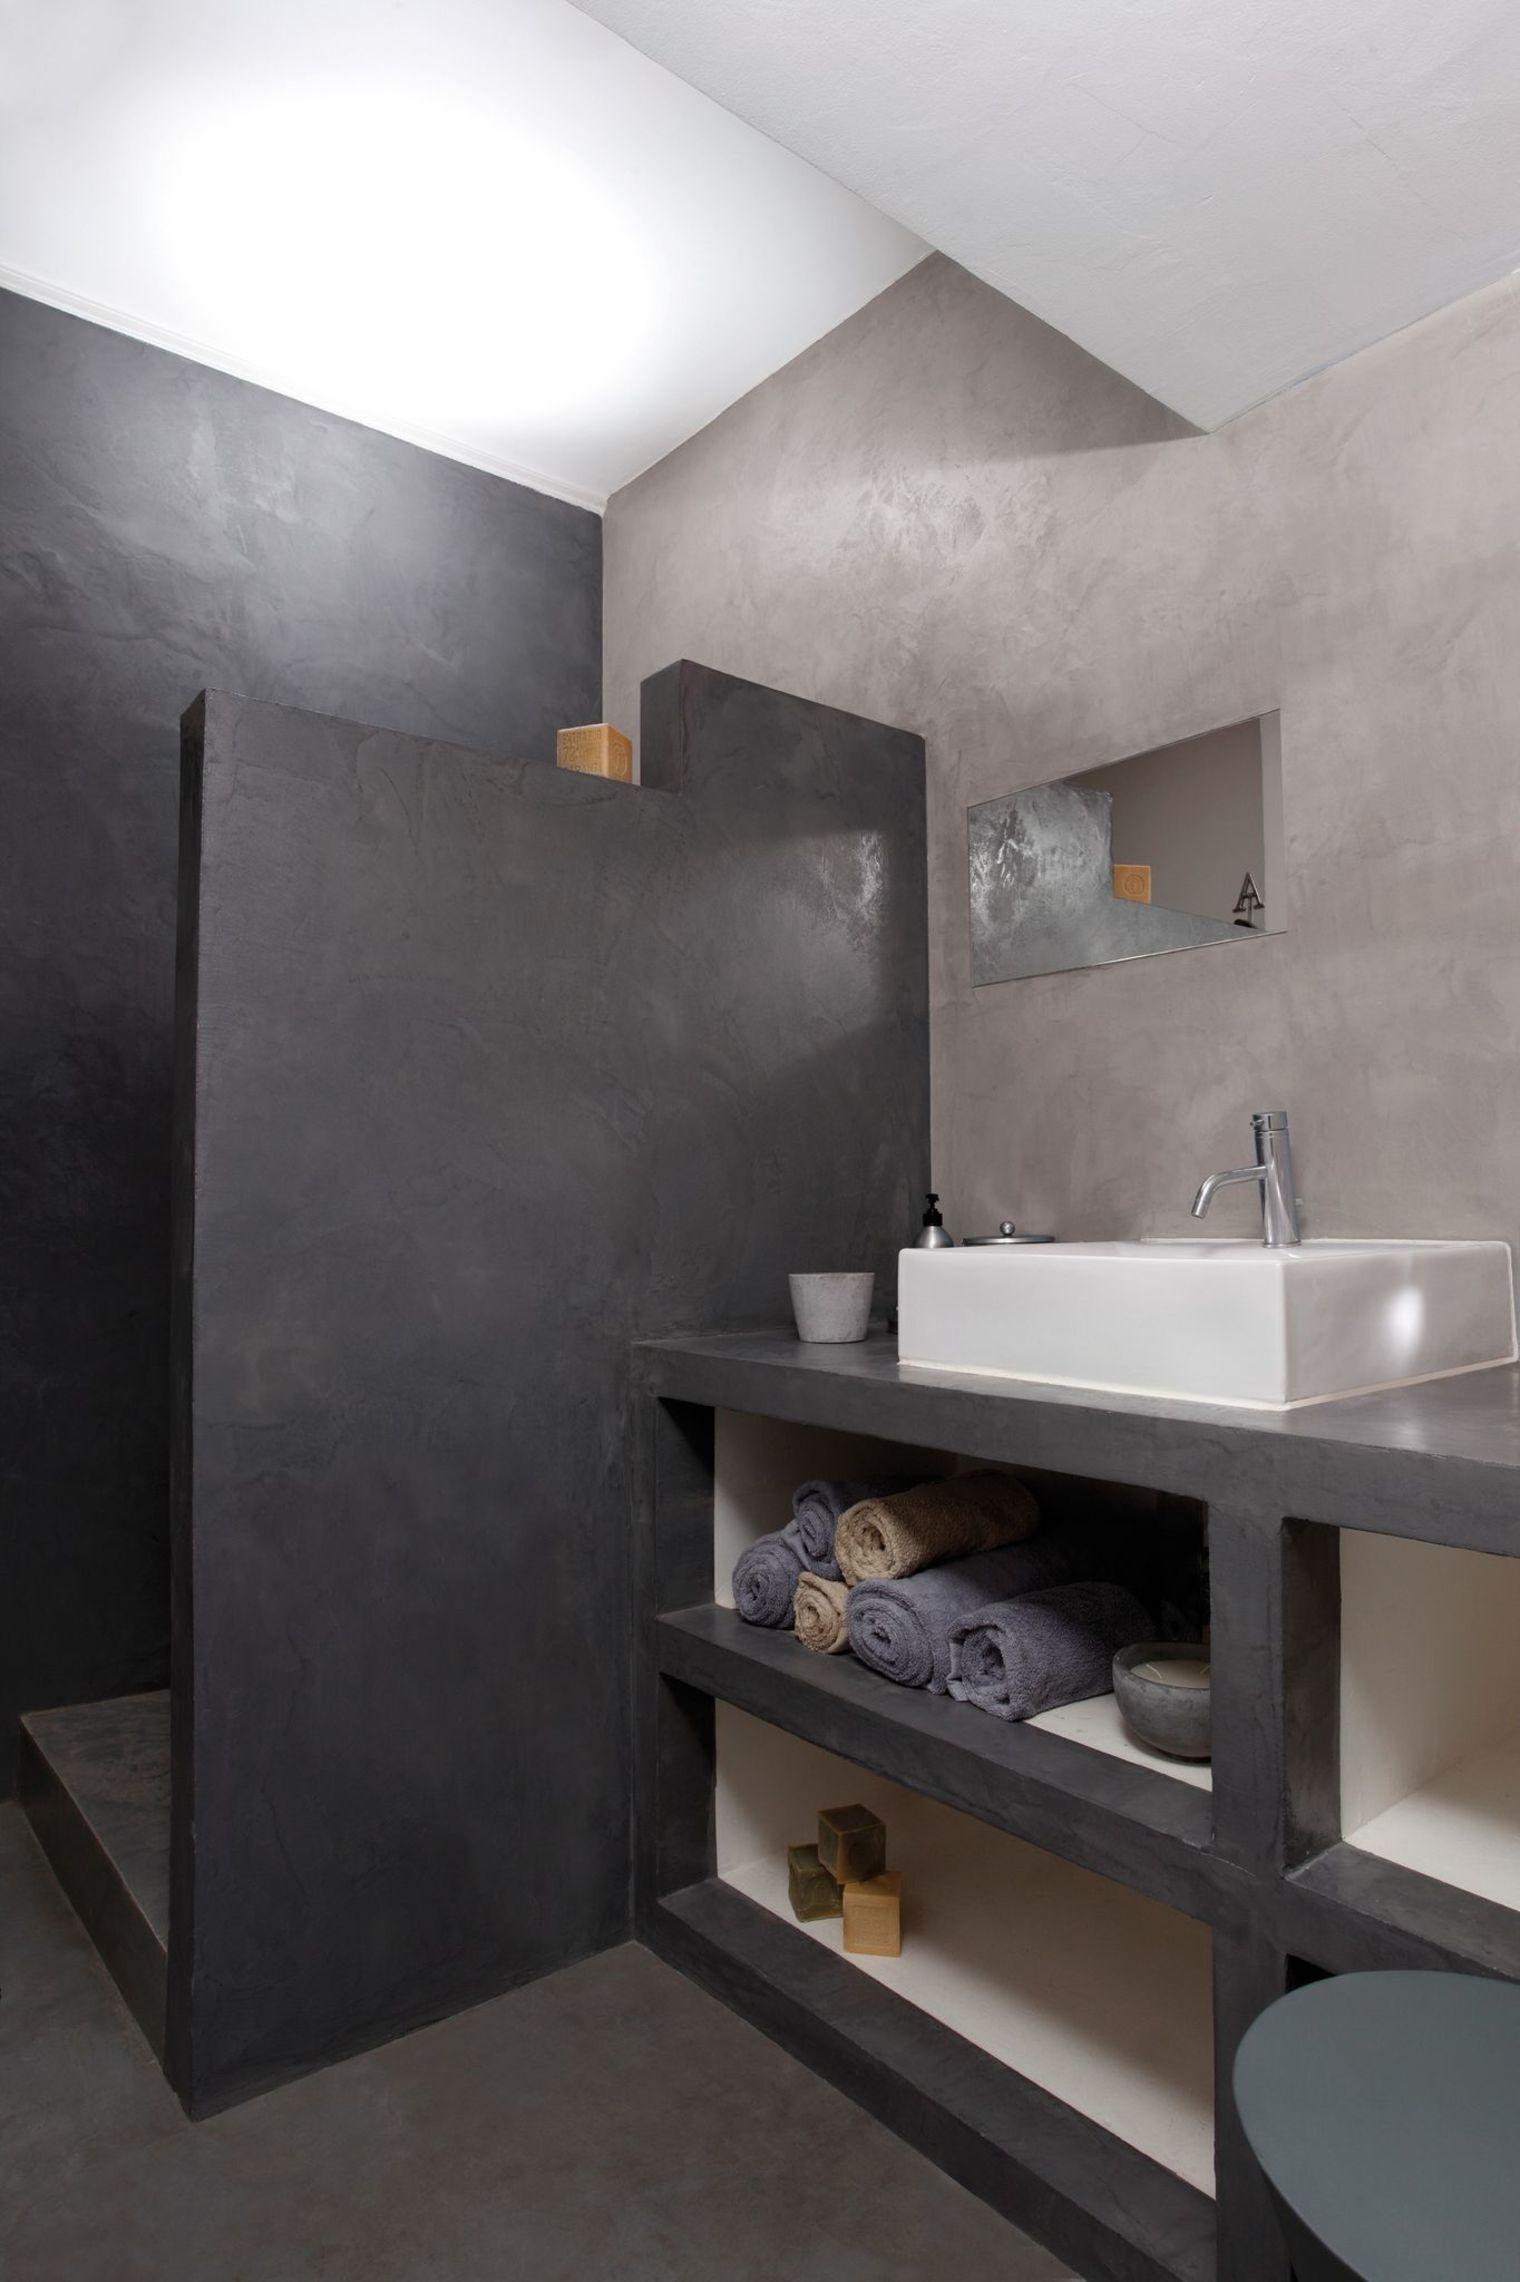 Petite salle de bain douche italienne for Peinture beton cire pour salle de bain